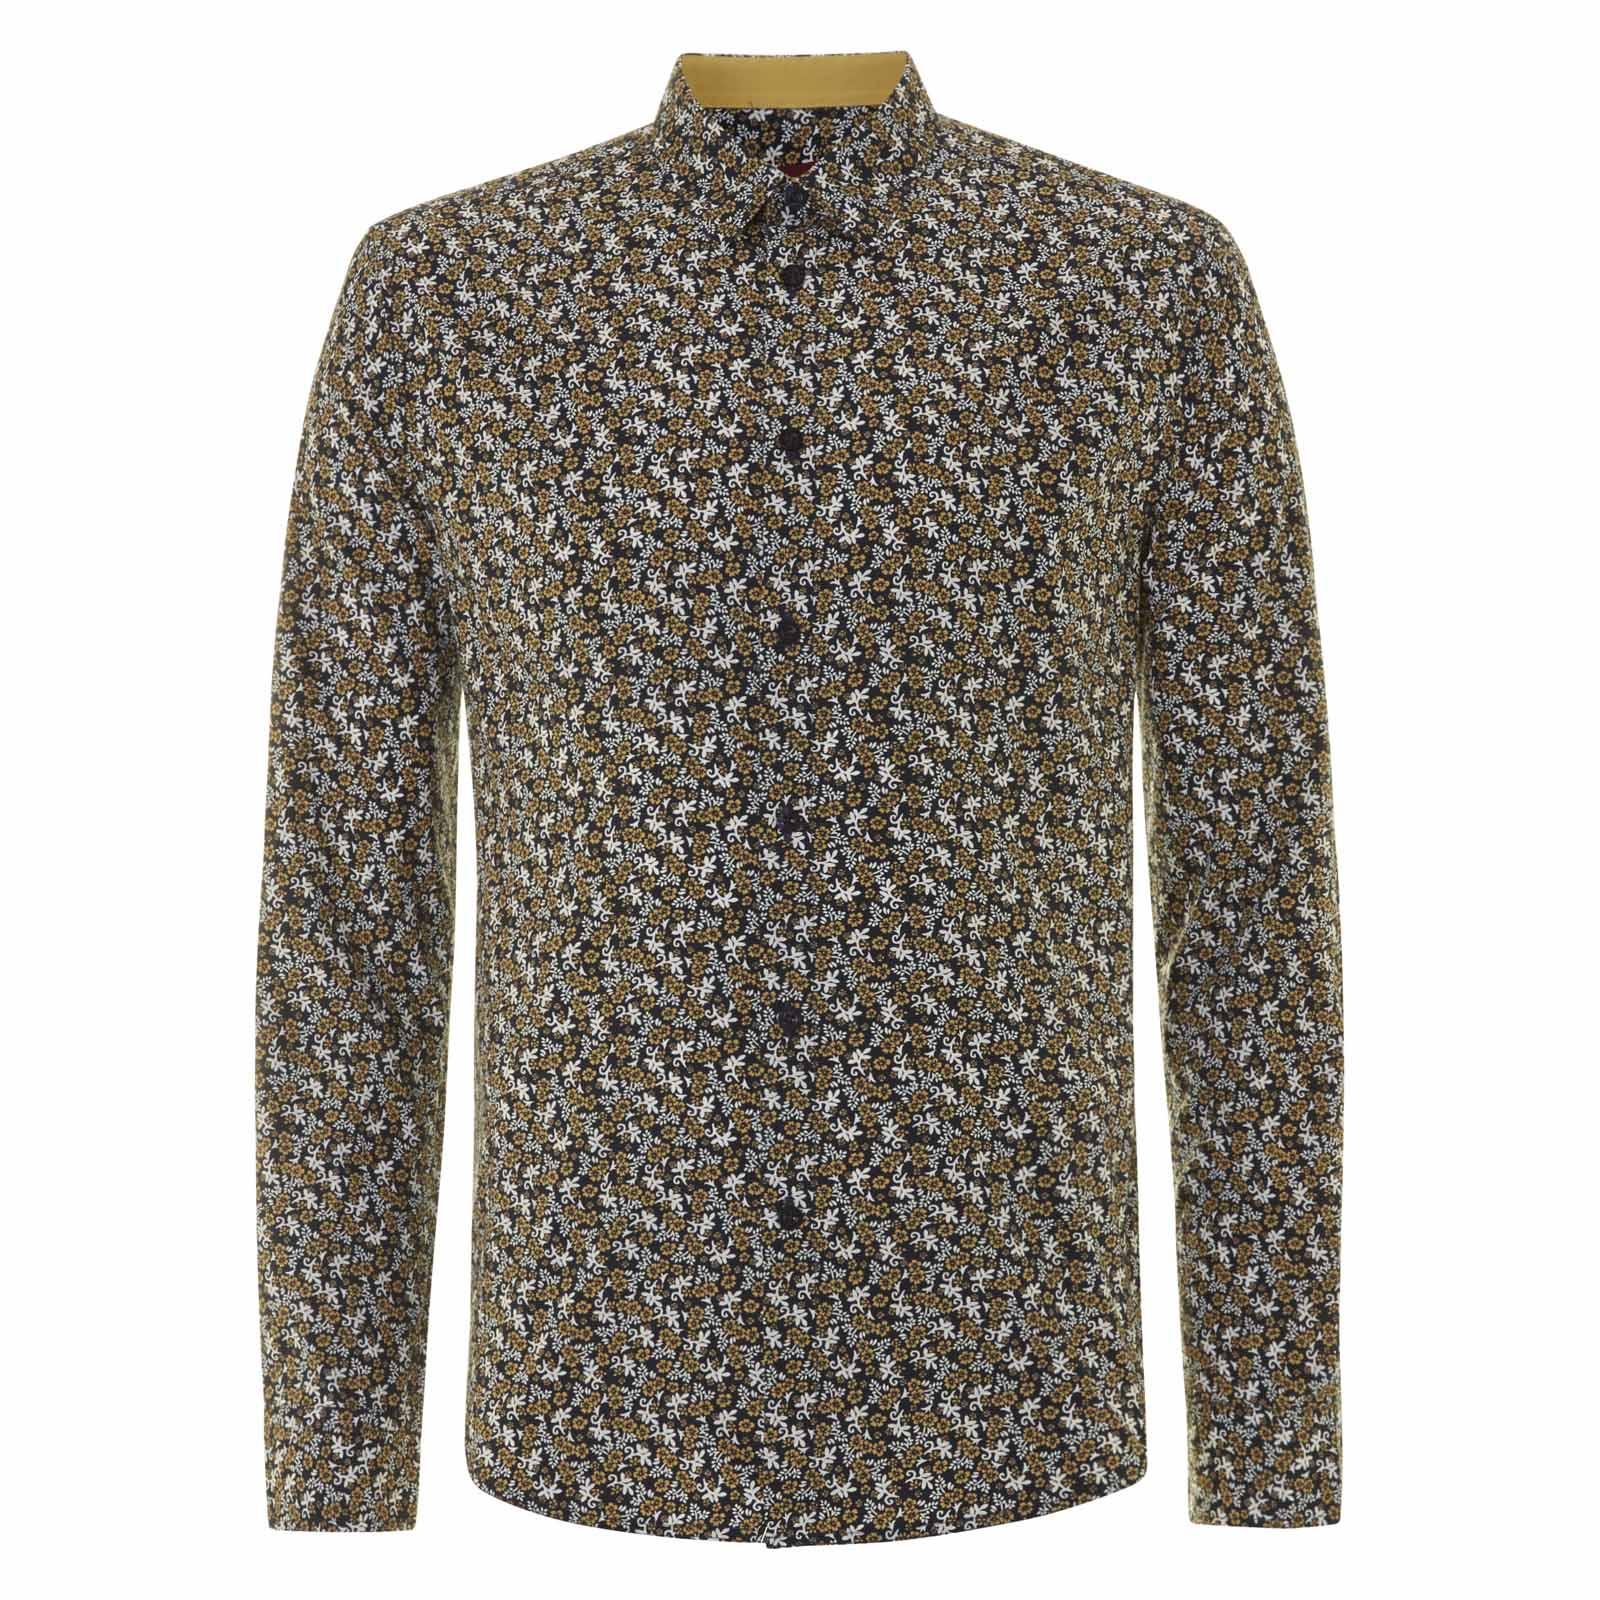 Рубашка AshtonС длинным рукавом<br>Приталенная мужская рубашка с классическим отложным воротником, украшенная  традиционным для английского дизайна сплошным двухцветным цветочным принтом.  Можно  равнозначно носить как заправленной в брюки, для чего рубашка имеет удлиненный задник, так и навыпуск – к этому располагает фигурный контур спереди.  Приятной деталью служат  желтые прямоугольные вставки на кончиках манжет, служащих застежкой для пуговиц. Этот декоративный элемент повторяется в виде выточек, венчающих боковой шов снизу. Такая рубашка будет отличным дополнением к базовому кардигану на пуговицах или прилегающему пиджаку.<br><br>Артикул: 1514203<br>Материал: 100% хлопок<br>Цвет: синий с цветочным принтом<br>Пол: Мужской